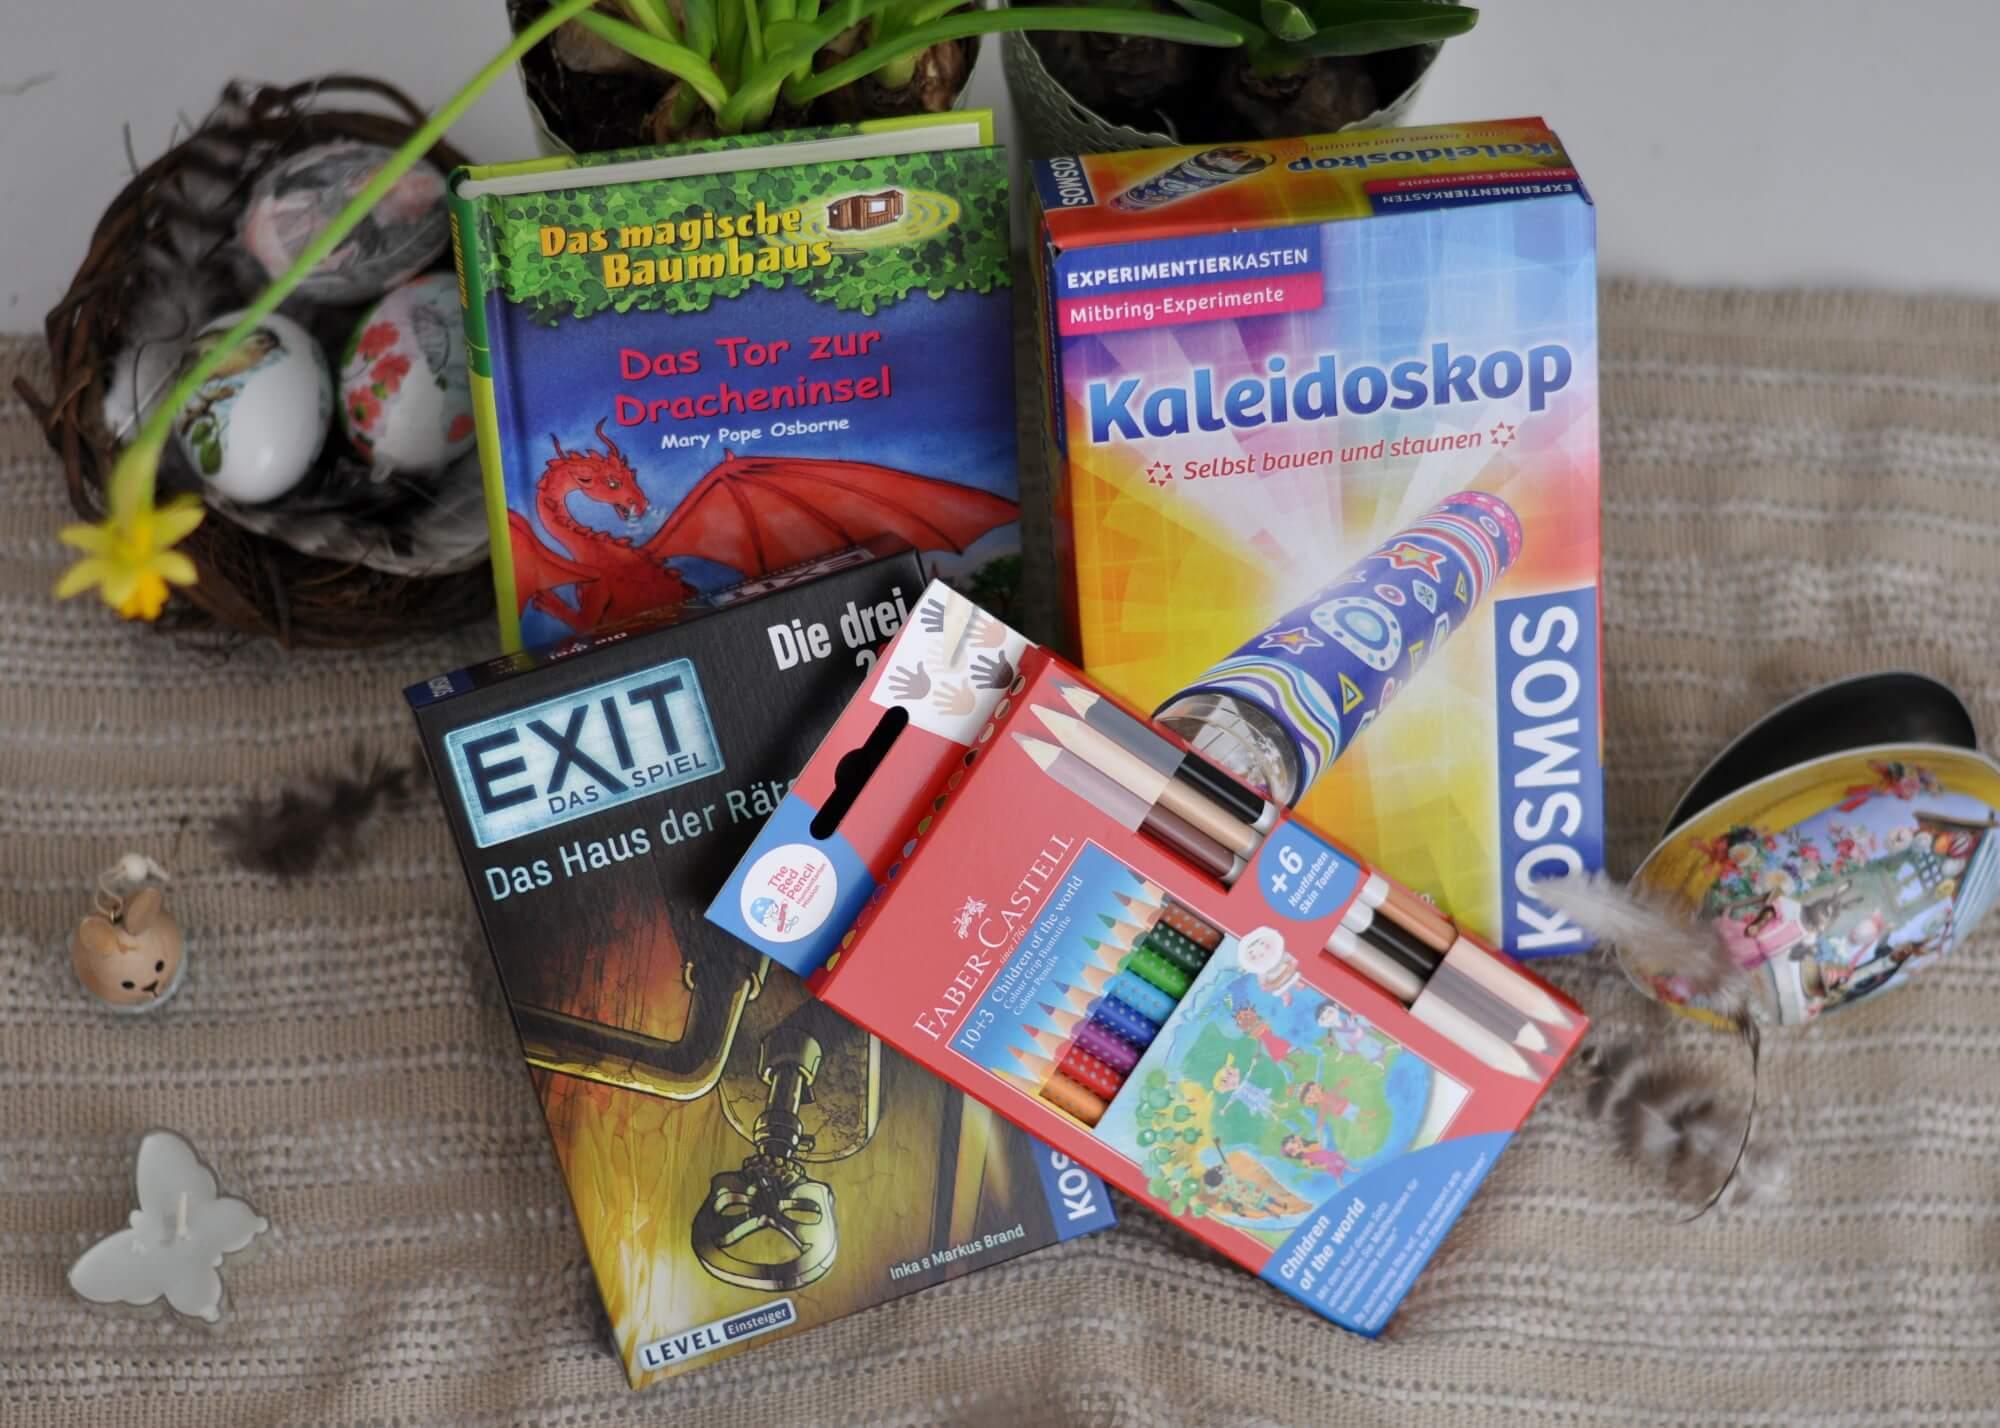 Ostern steht vor der Tür. Spiel, Buch oder etwas zum Experimentieren - ich habe vier klischeefreie Ostergeschenke unter 15 Euro zusammengestellt, die sich alle für Grundschulkinder eignen. #ostern #schule #geschenk #malen #kreativ #klischeefrei #idee #lesen #mädchen #junge